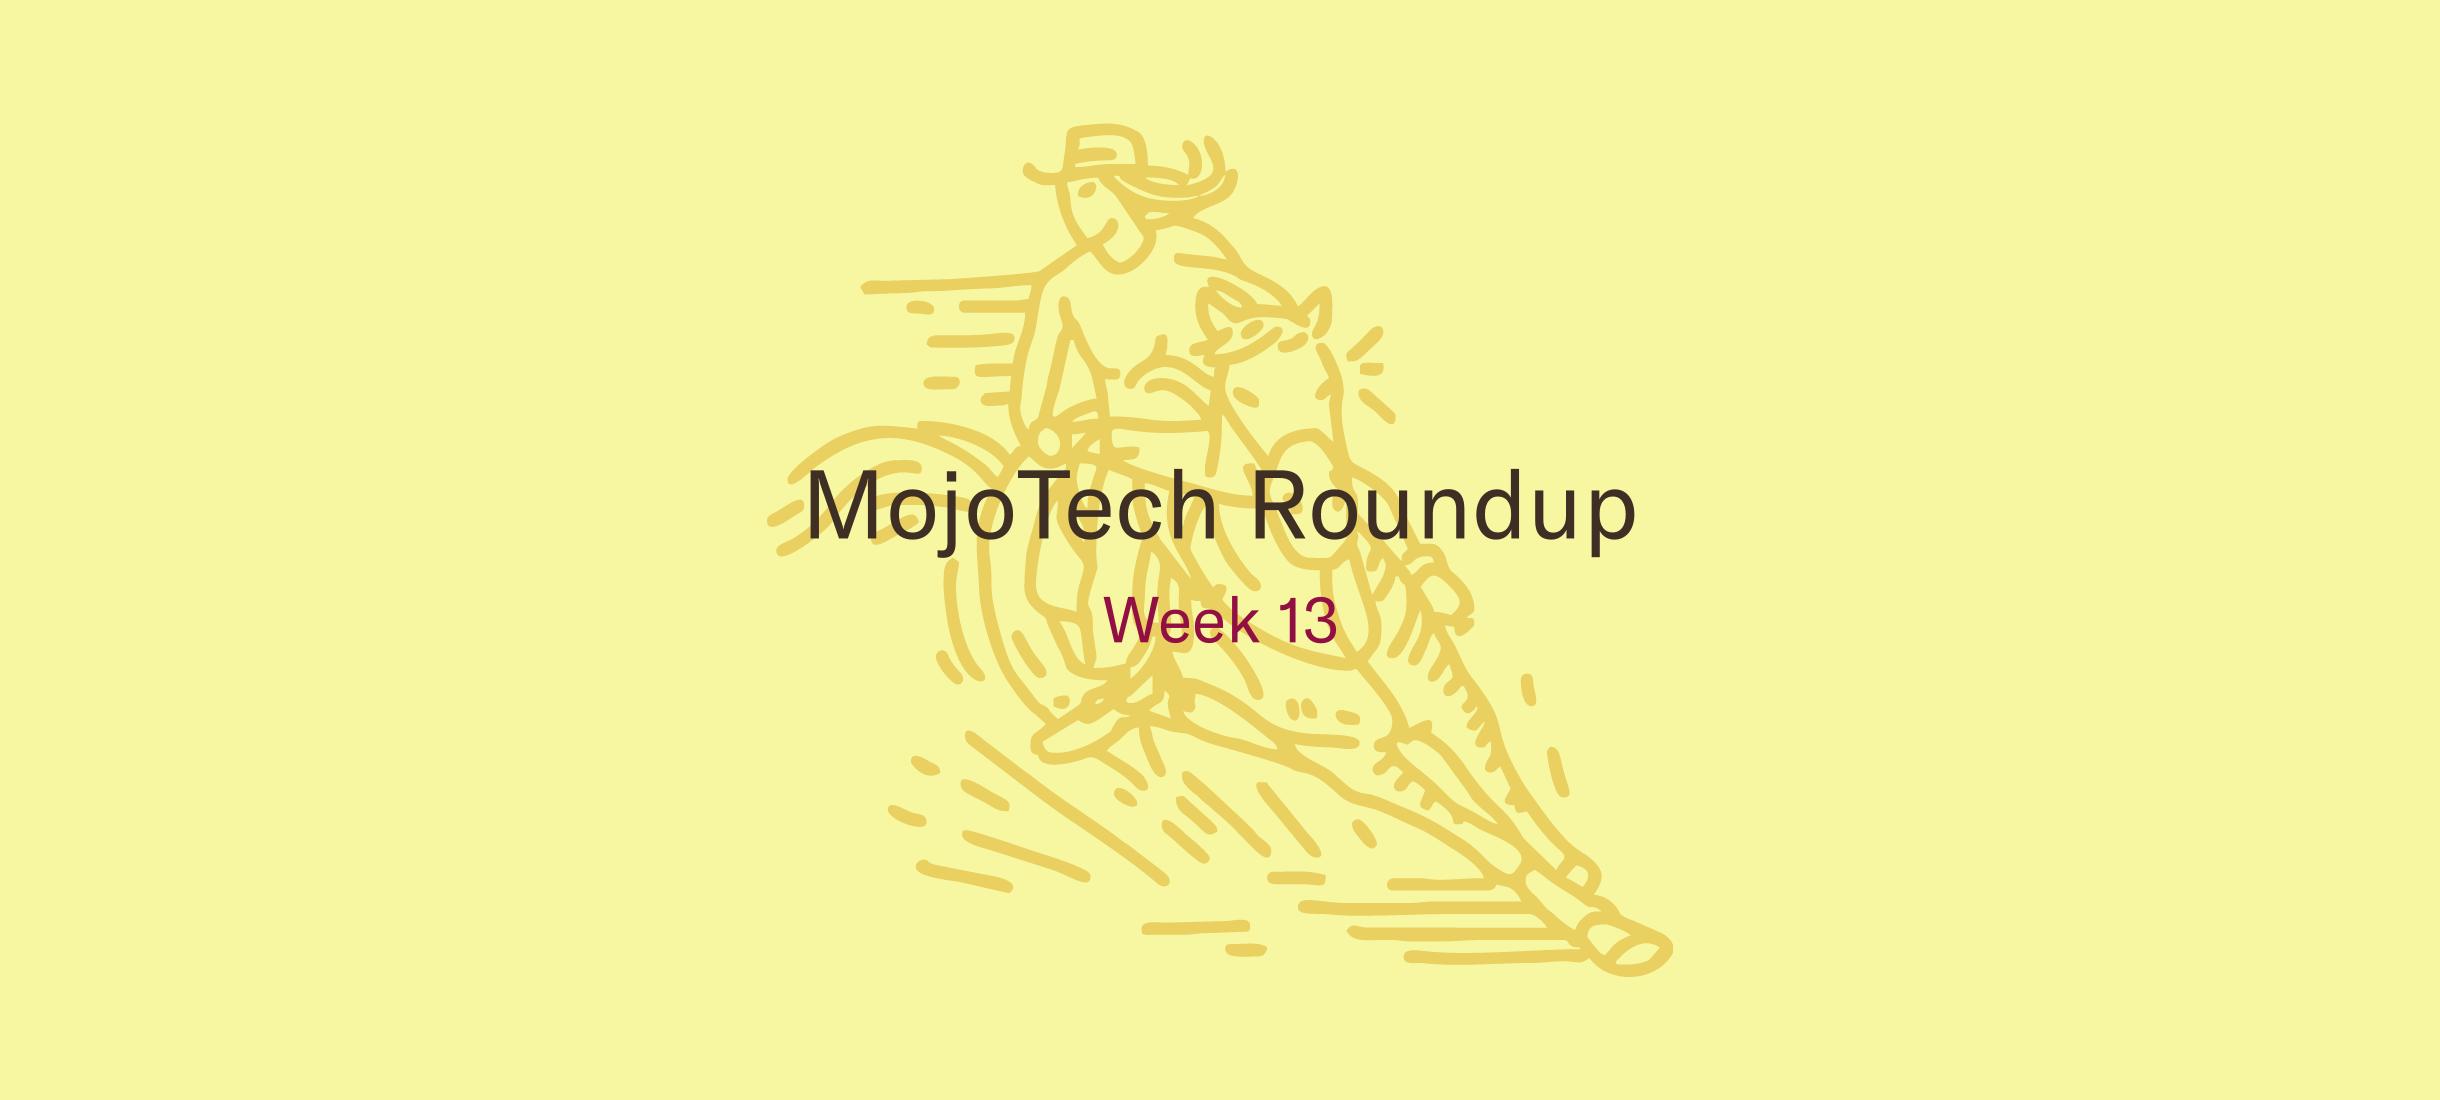 MojoTech Roundup week 13